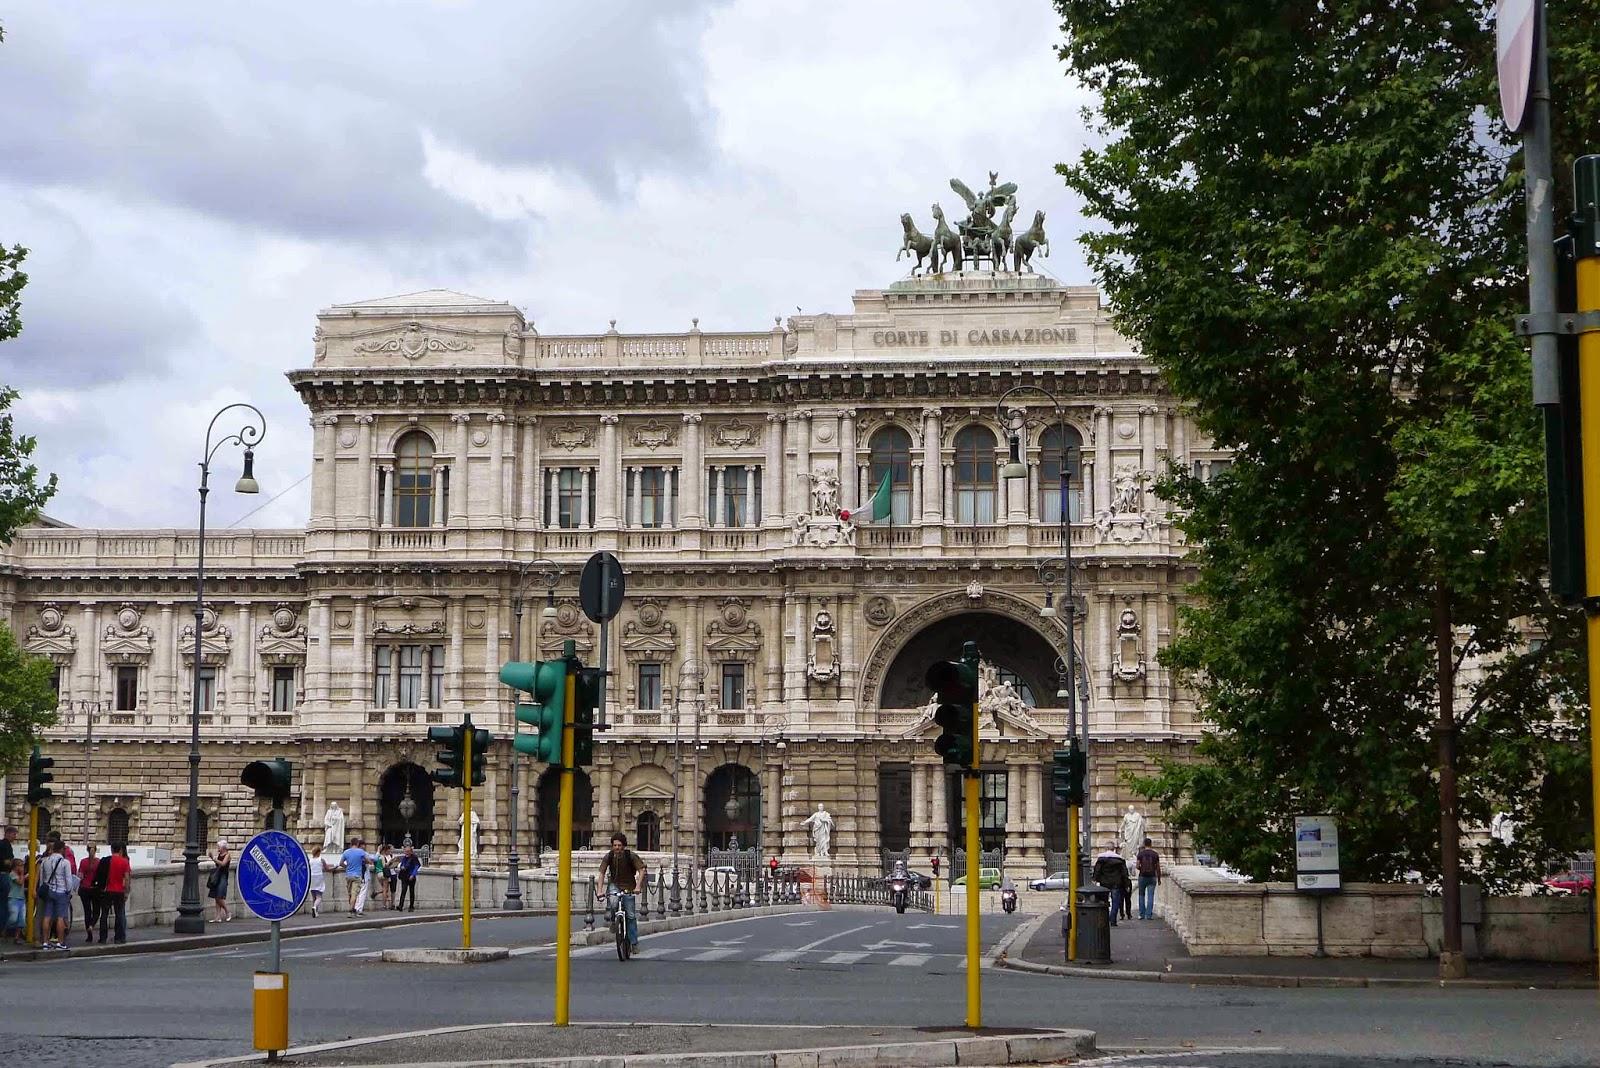 Corte de Cassazione